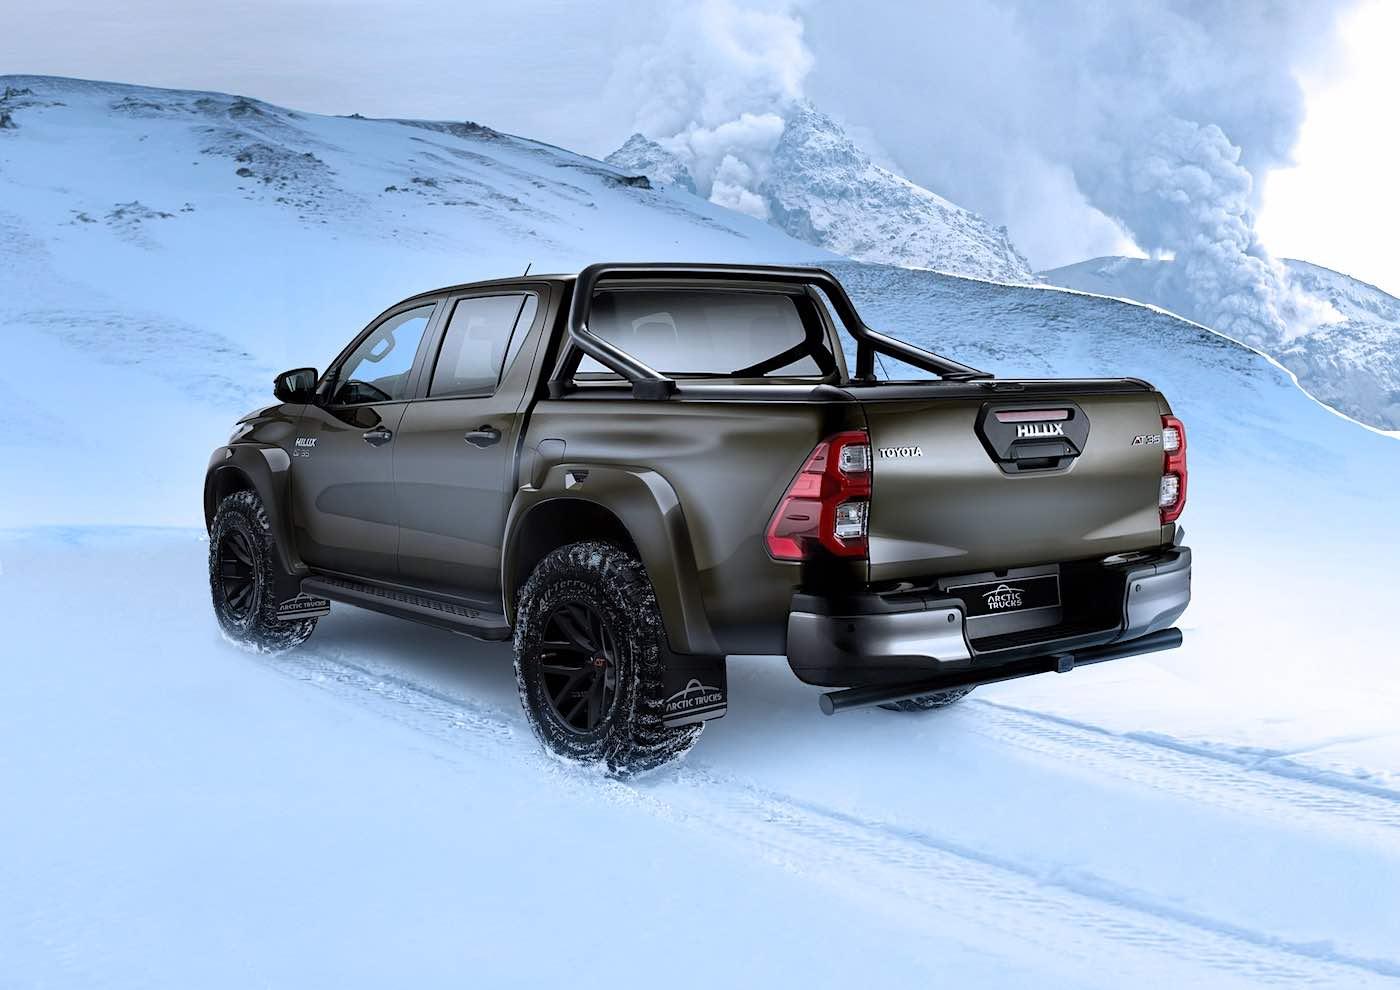 Toyota Hilux AT35 2021 de Arctic Trucks